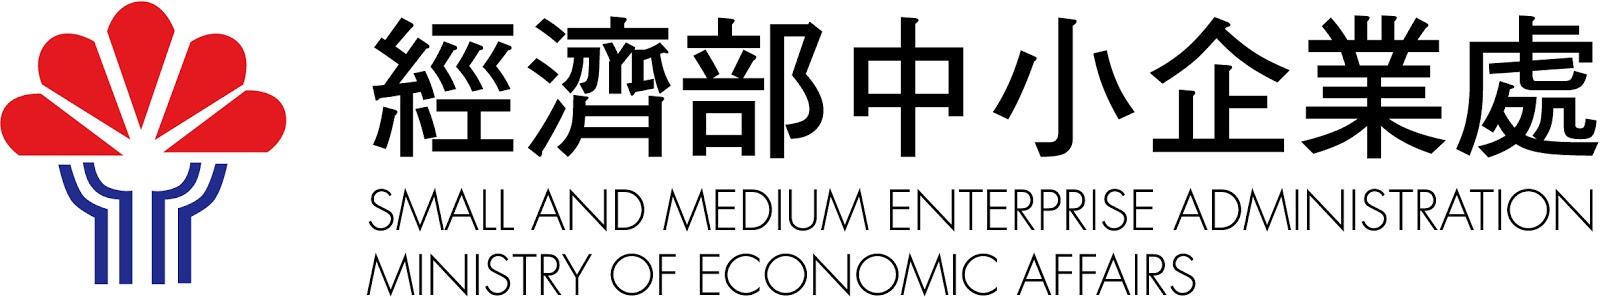 經濟部中小企業處